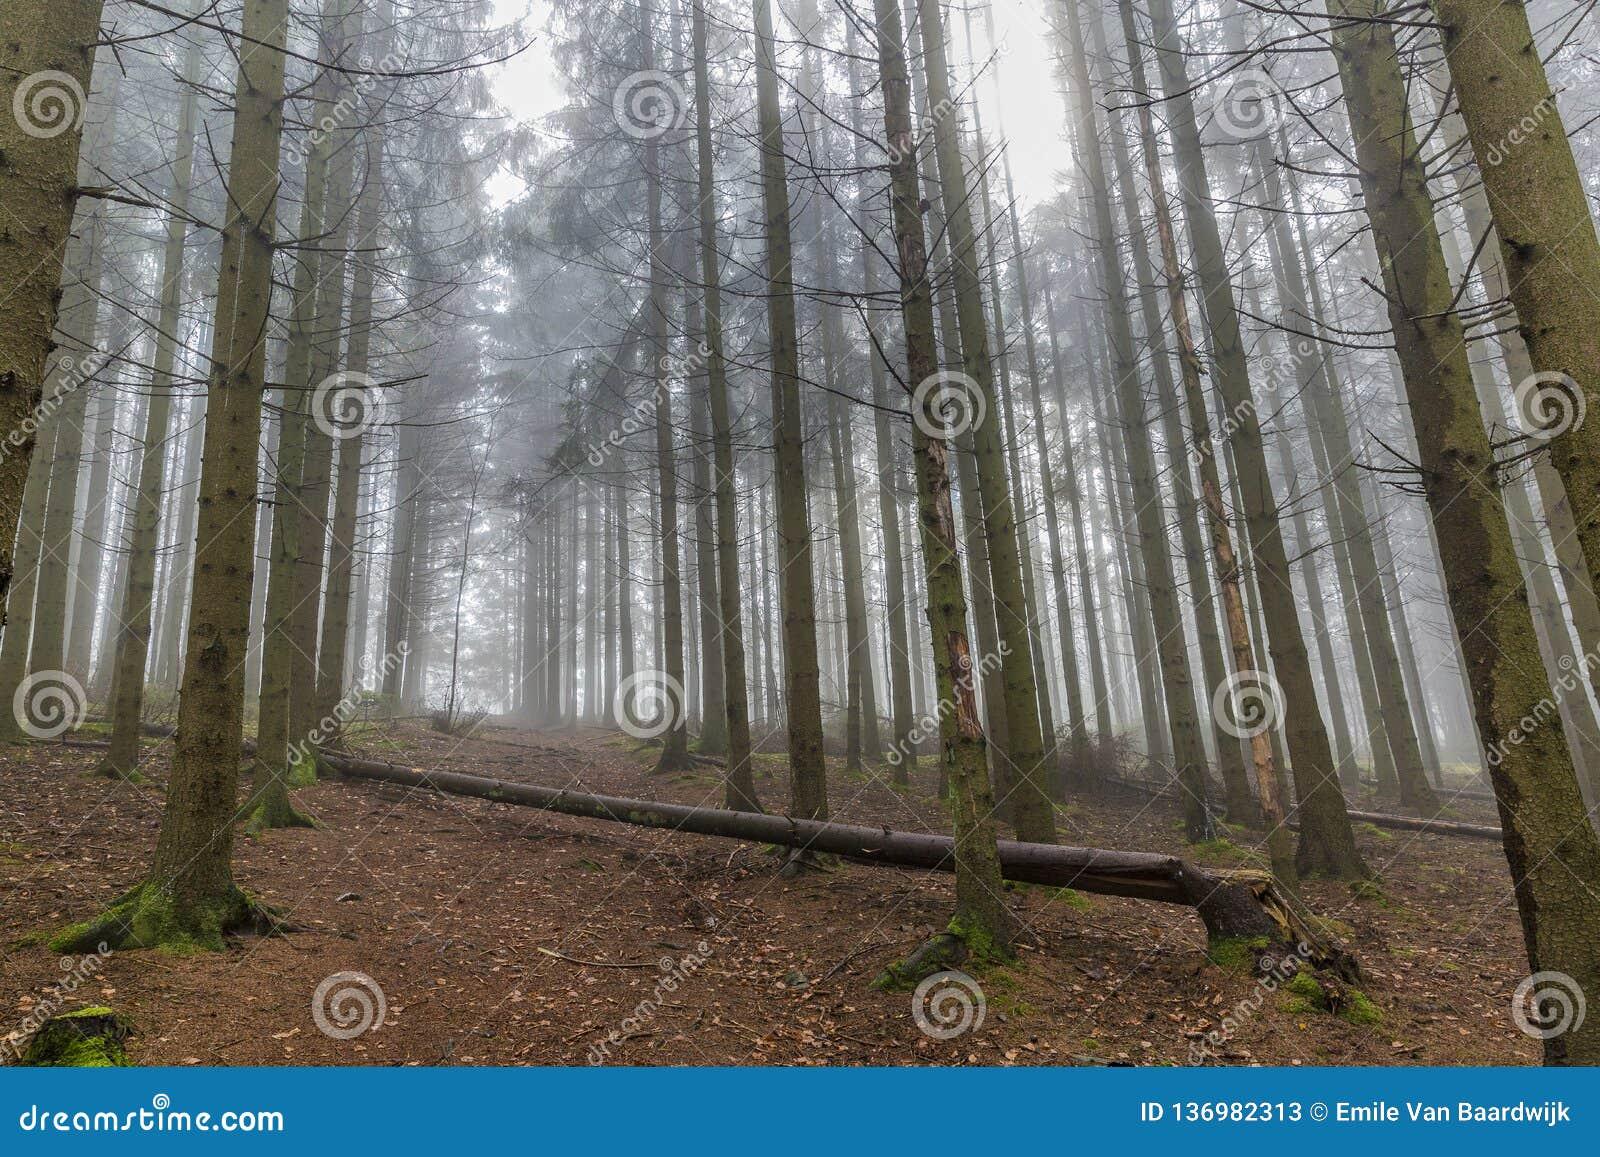 Beeld van lange pijnboombomen vanuit een lager perspectief in het bos